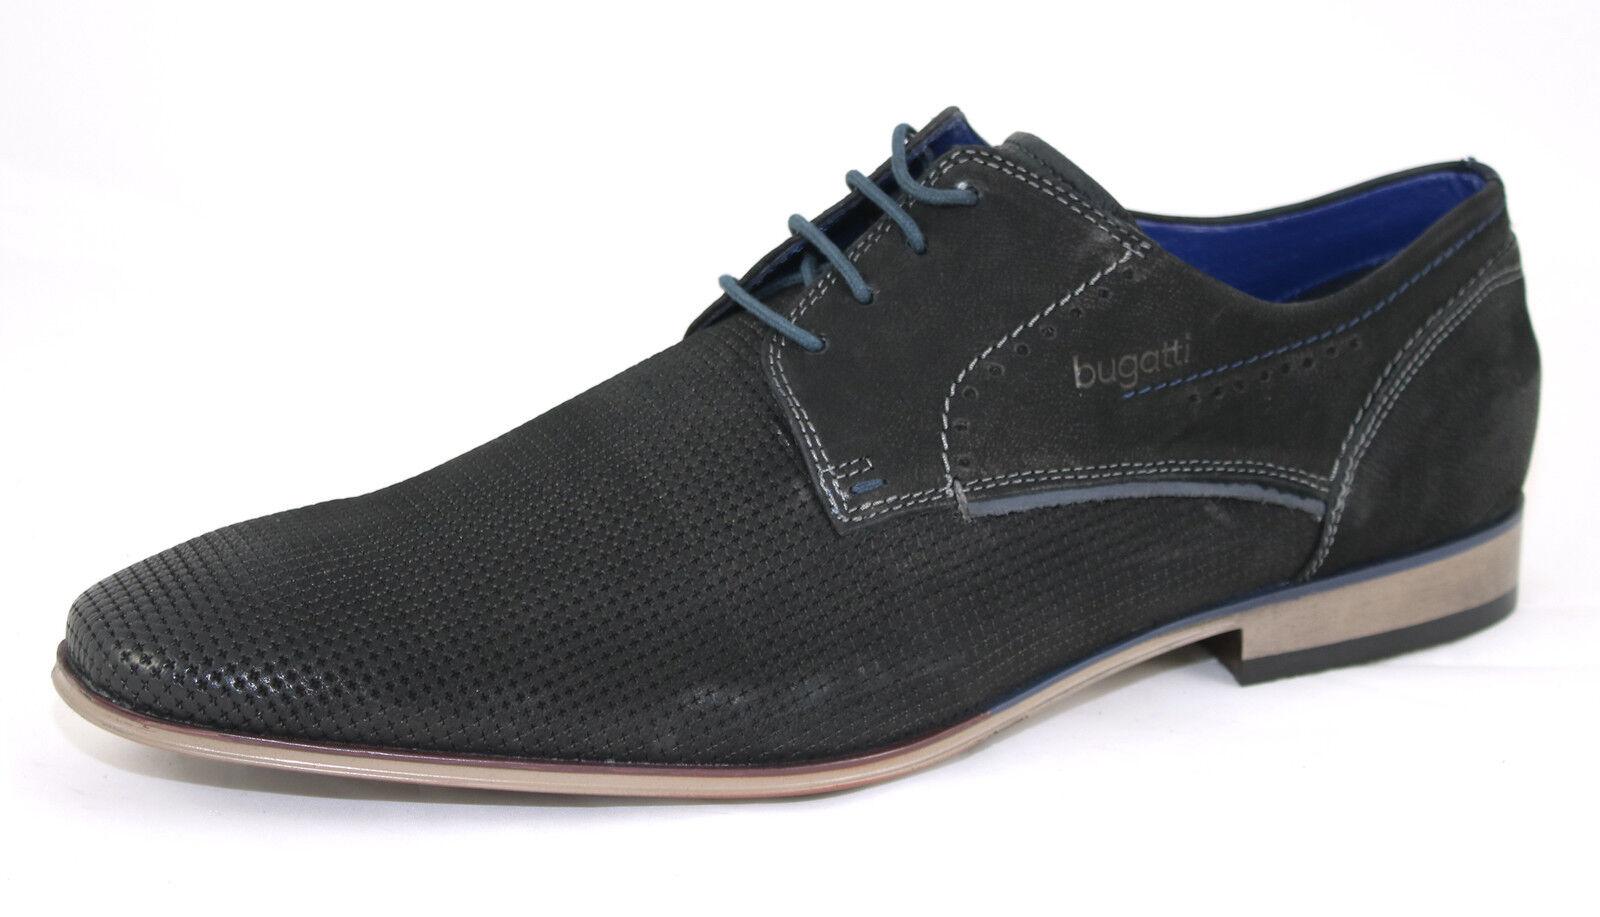 Bugatti señores schnürzapatos Business zapatos 312-10104-3500-1000